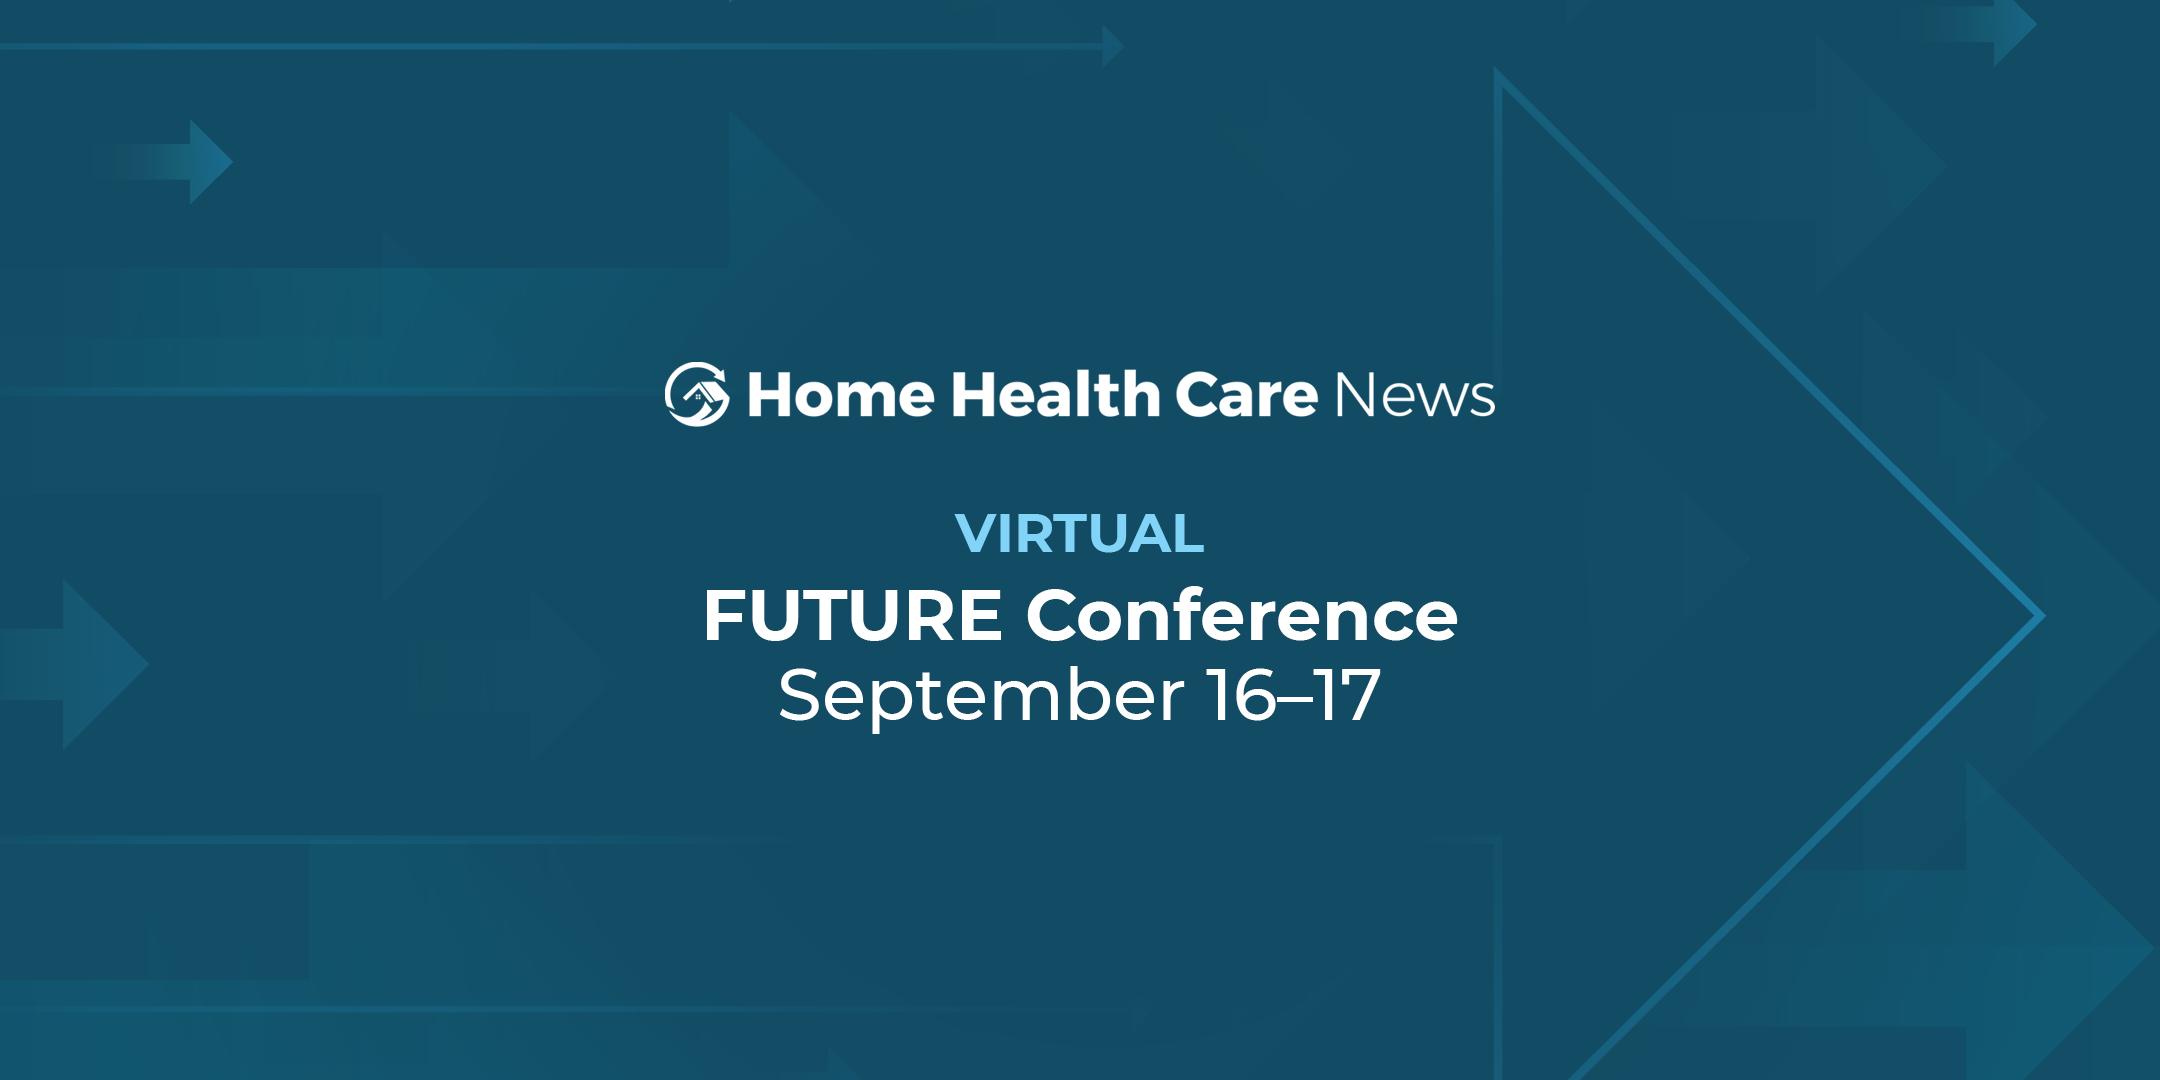 HHCN Virtual FUTURE Conference